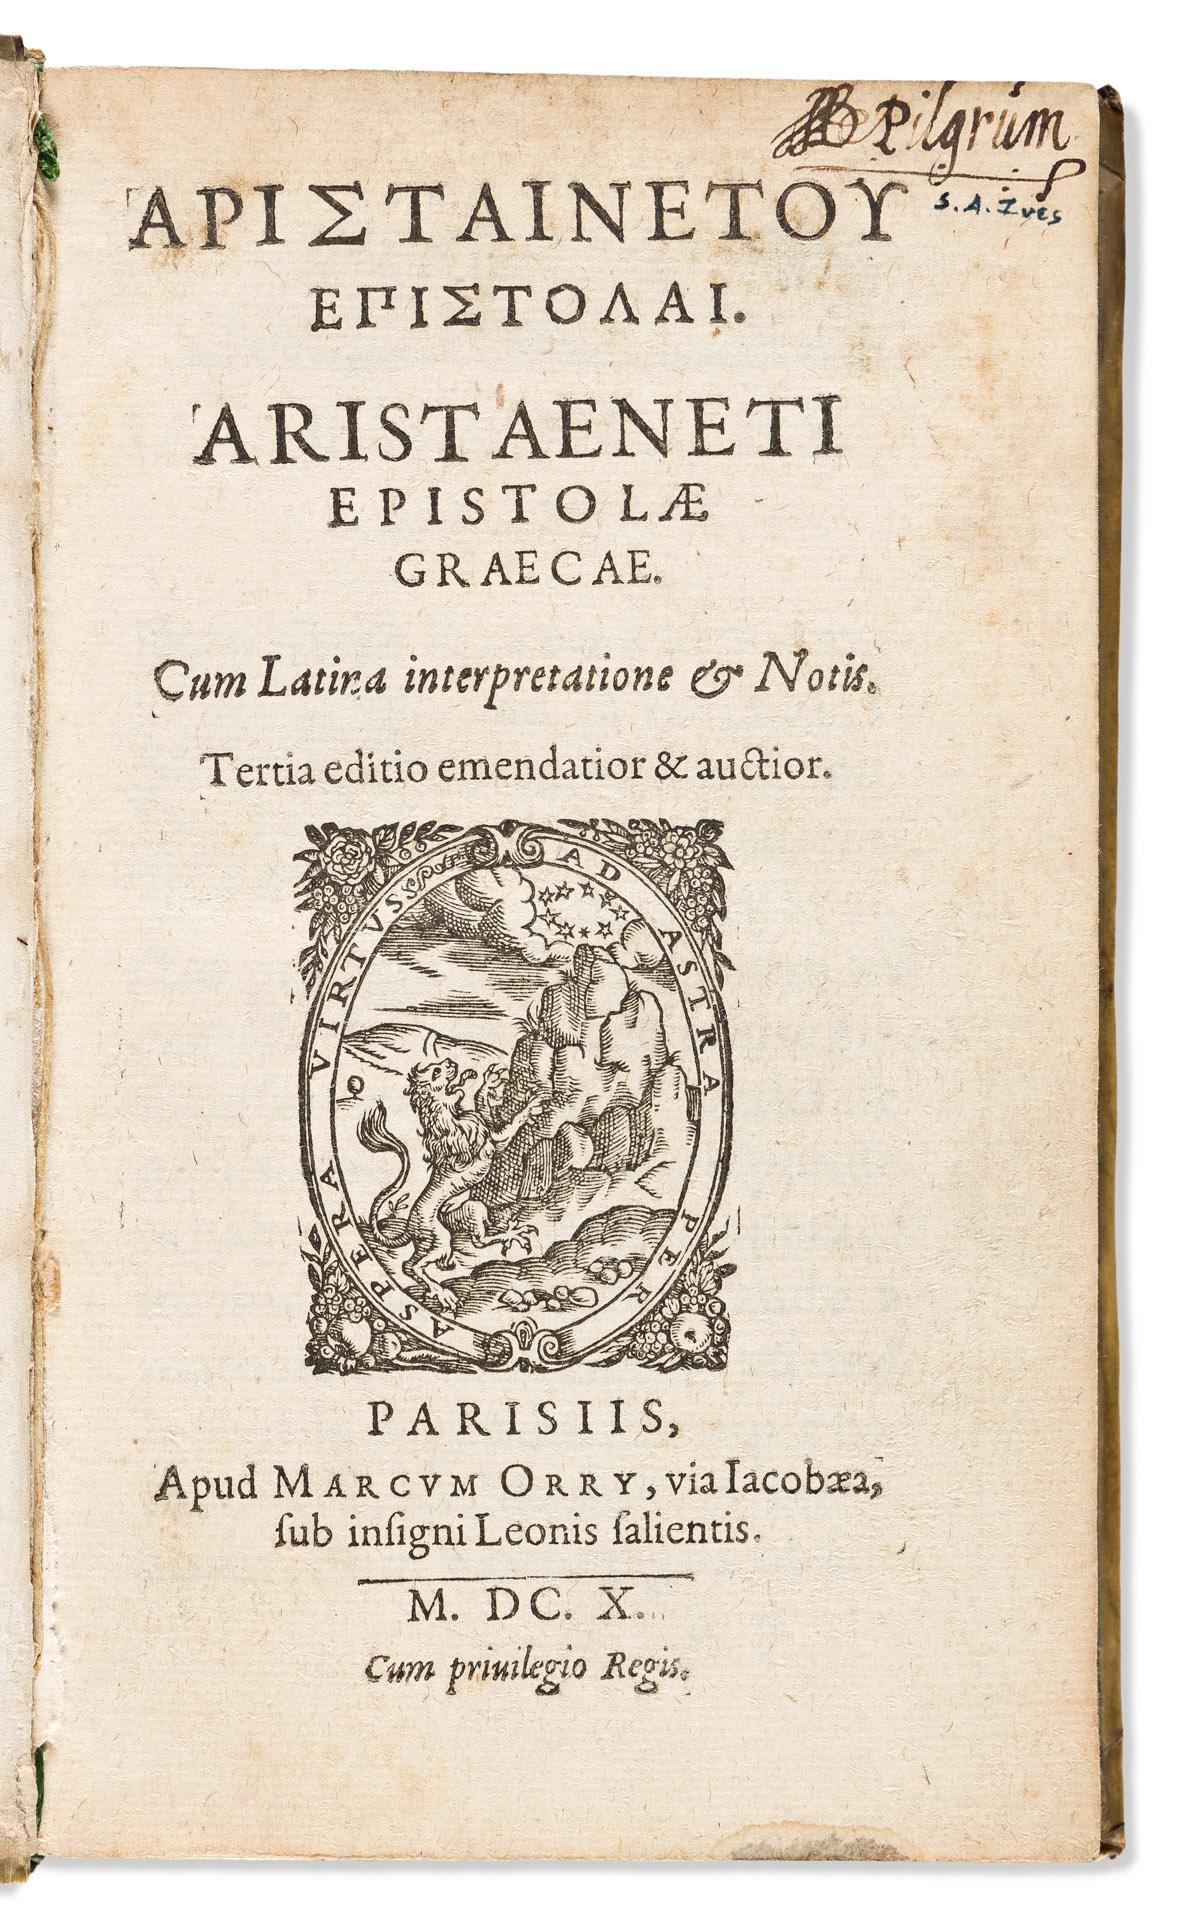 Aristaenetus (fl. circa 5th or 6th CE) Epistolae Graecae. Cum Latina Interpretatione & Notis. Tertia Editio Emendatior & Auctior.